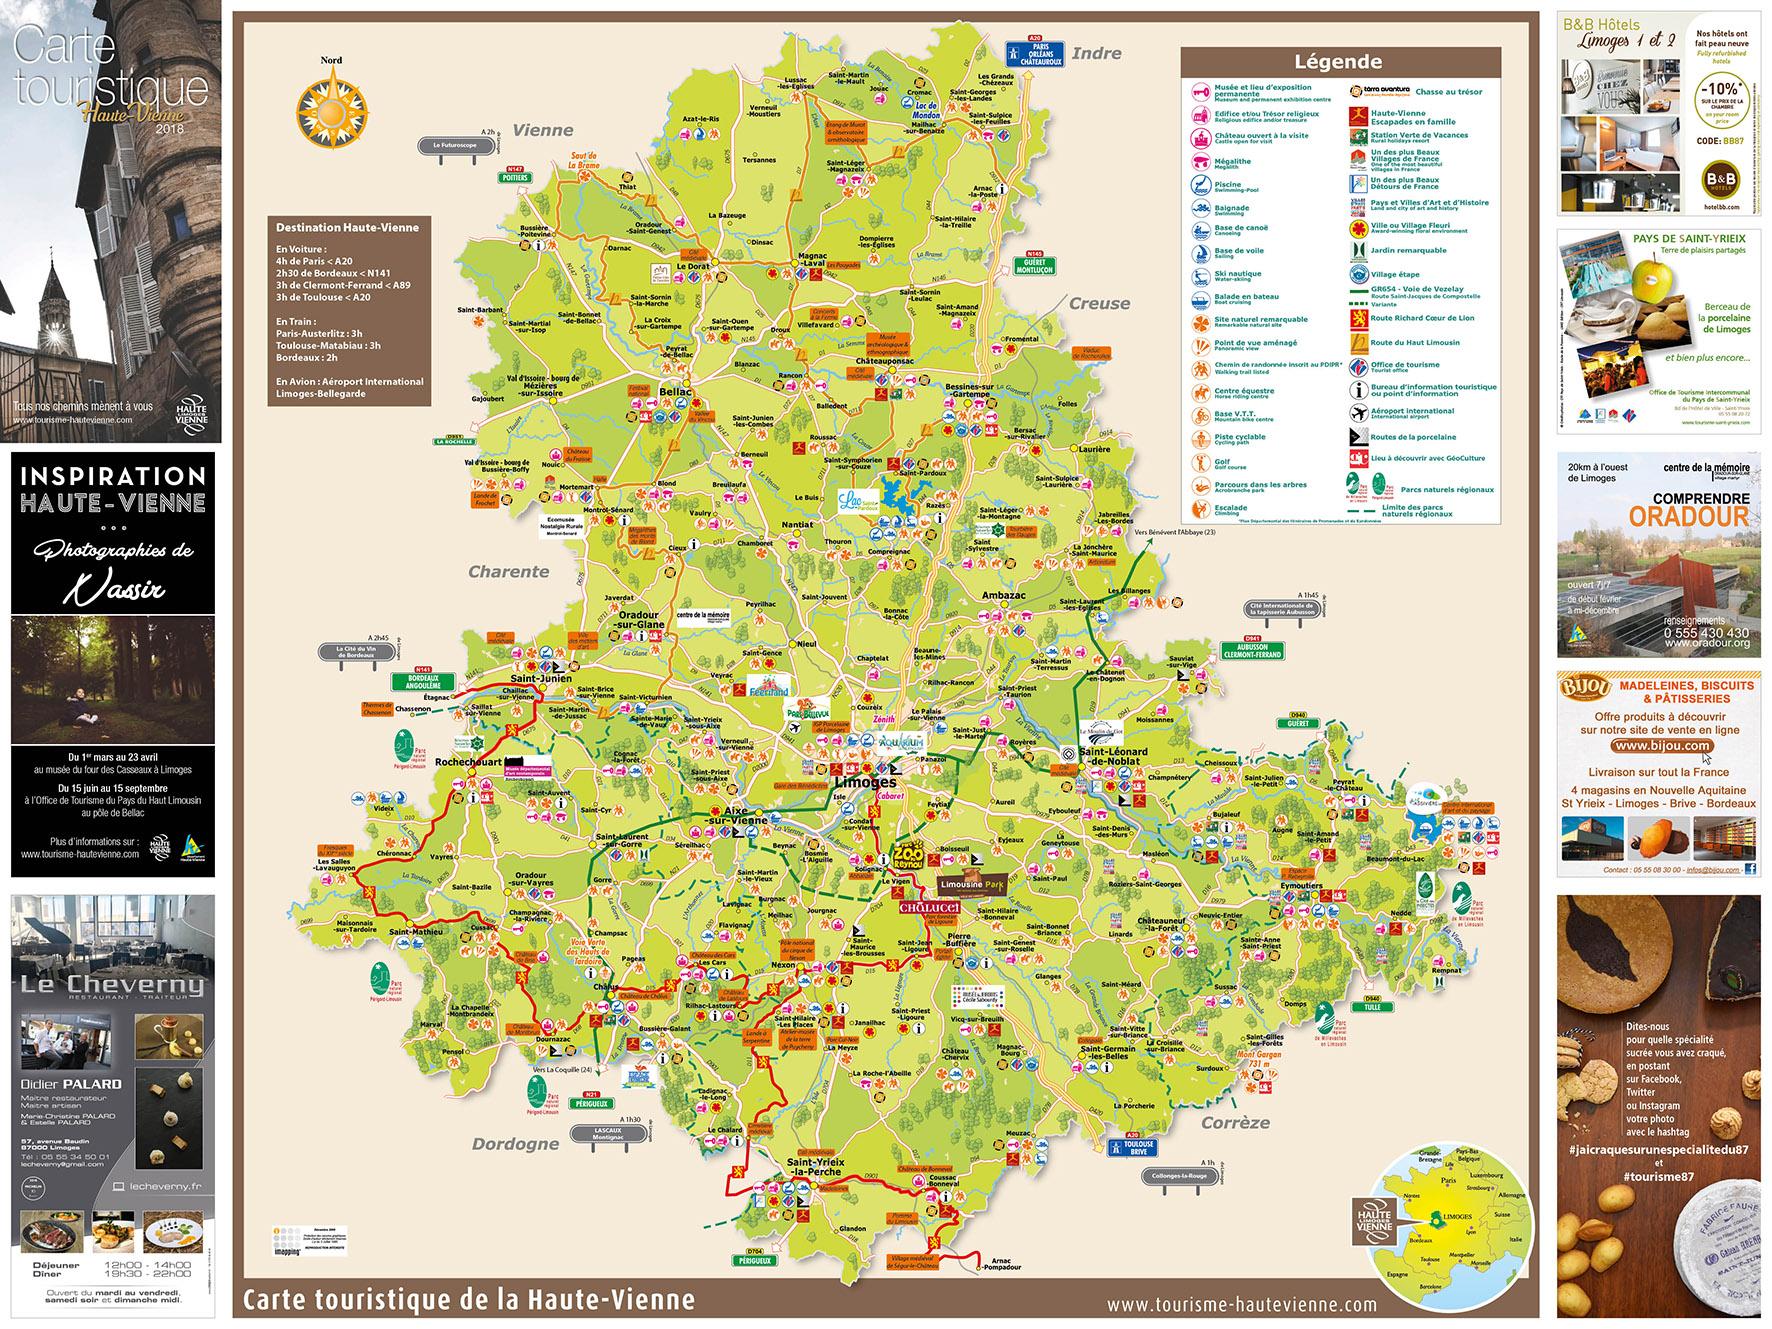 Carte Touristique Haute Vienne.Carte Hte Vienne 2018recto Petite Espace Pro Presse